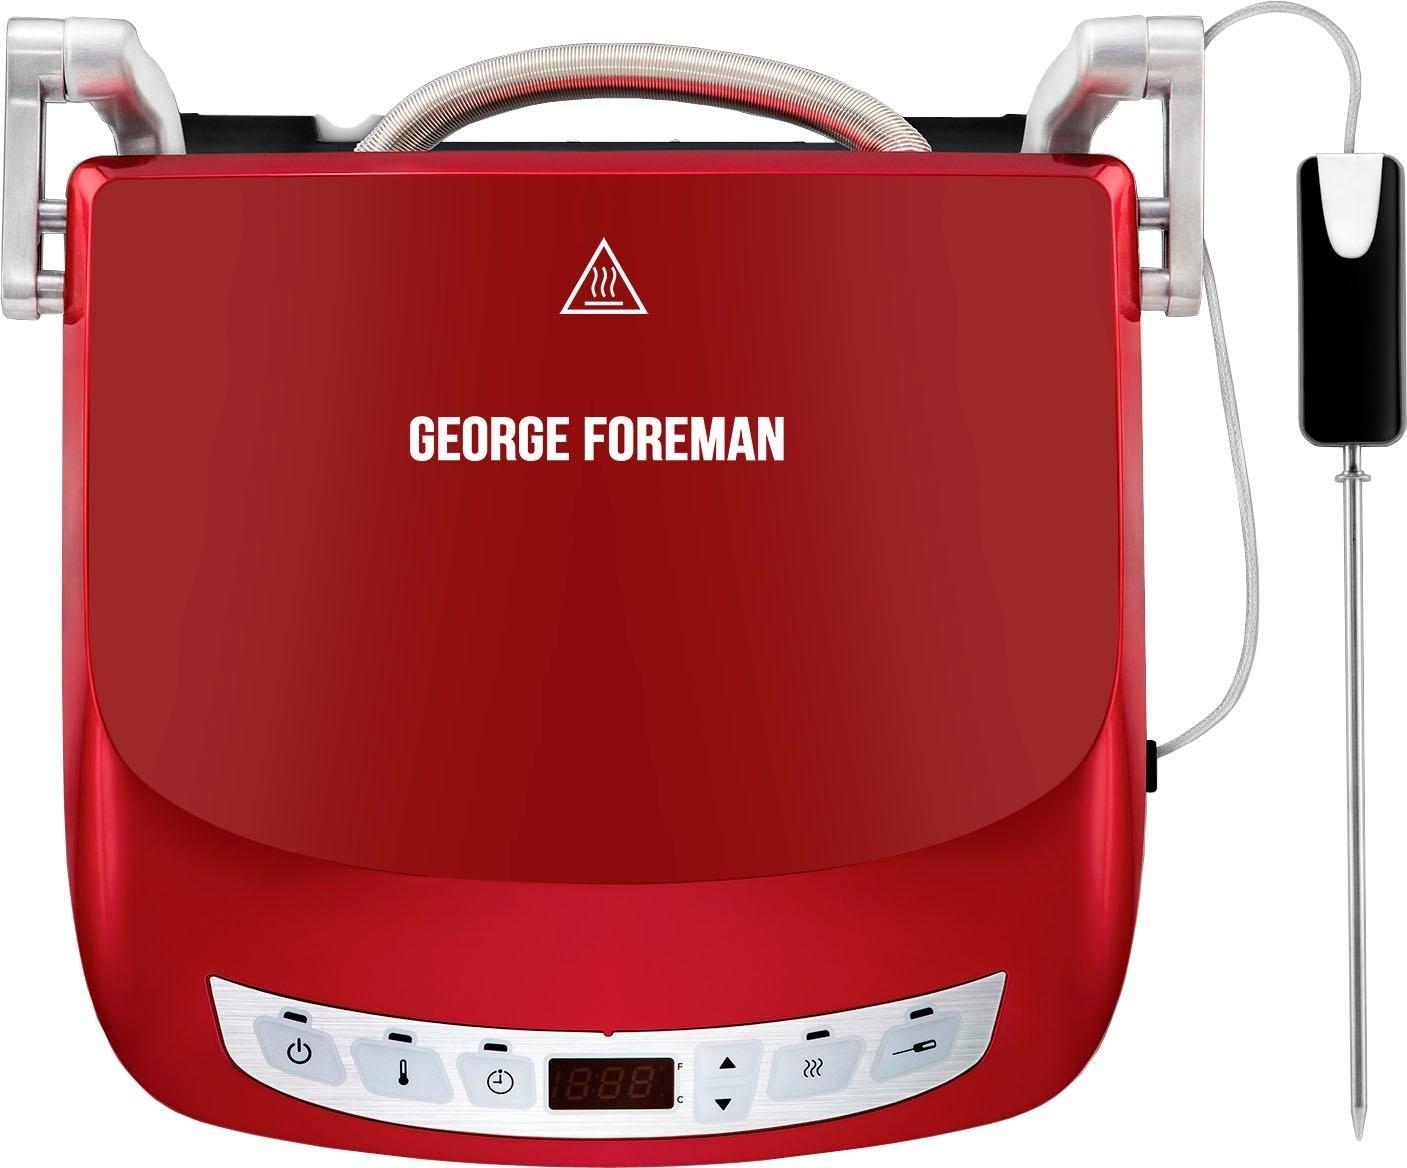 George Foreman contactgrill 24001-56 nu online kopen bij OTTO